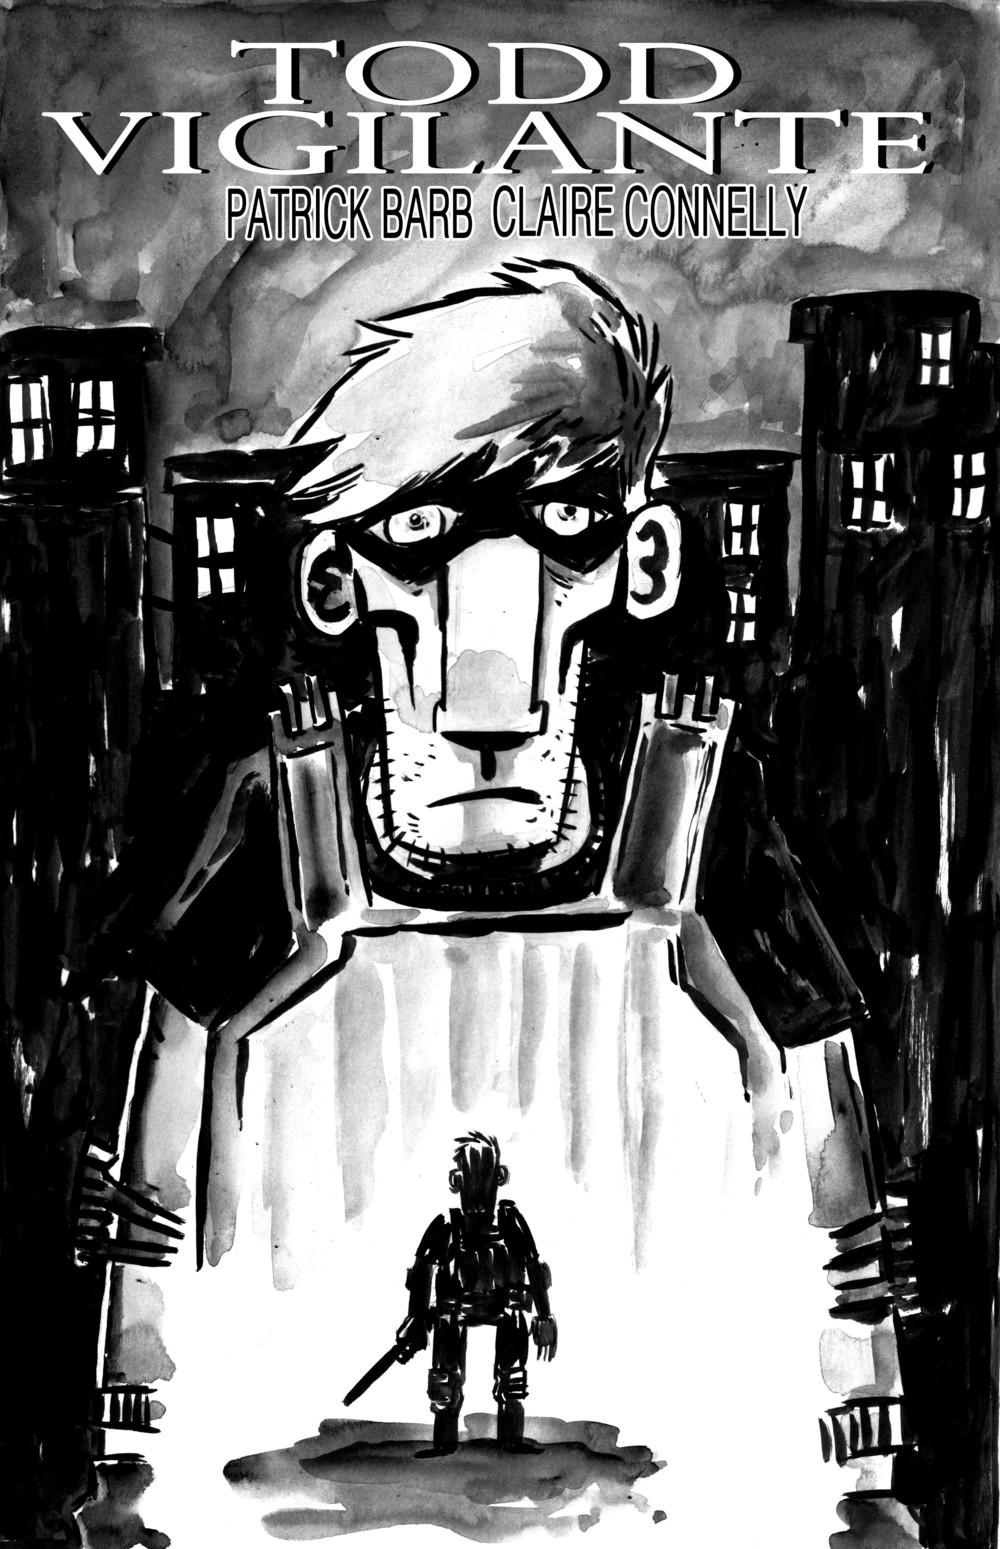 Todd Vigilante 000.jpg